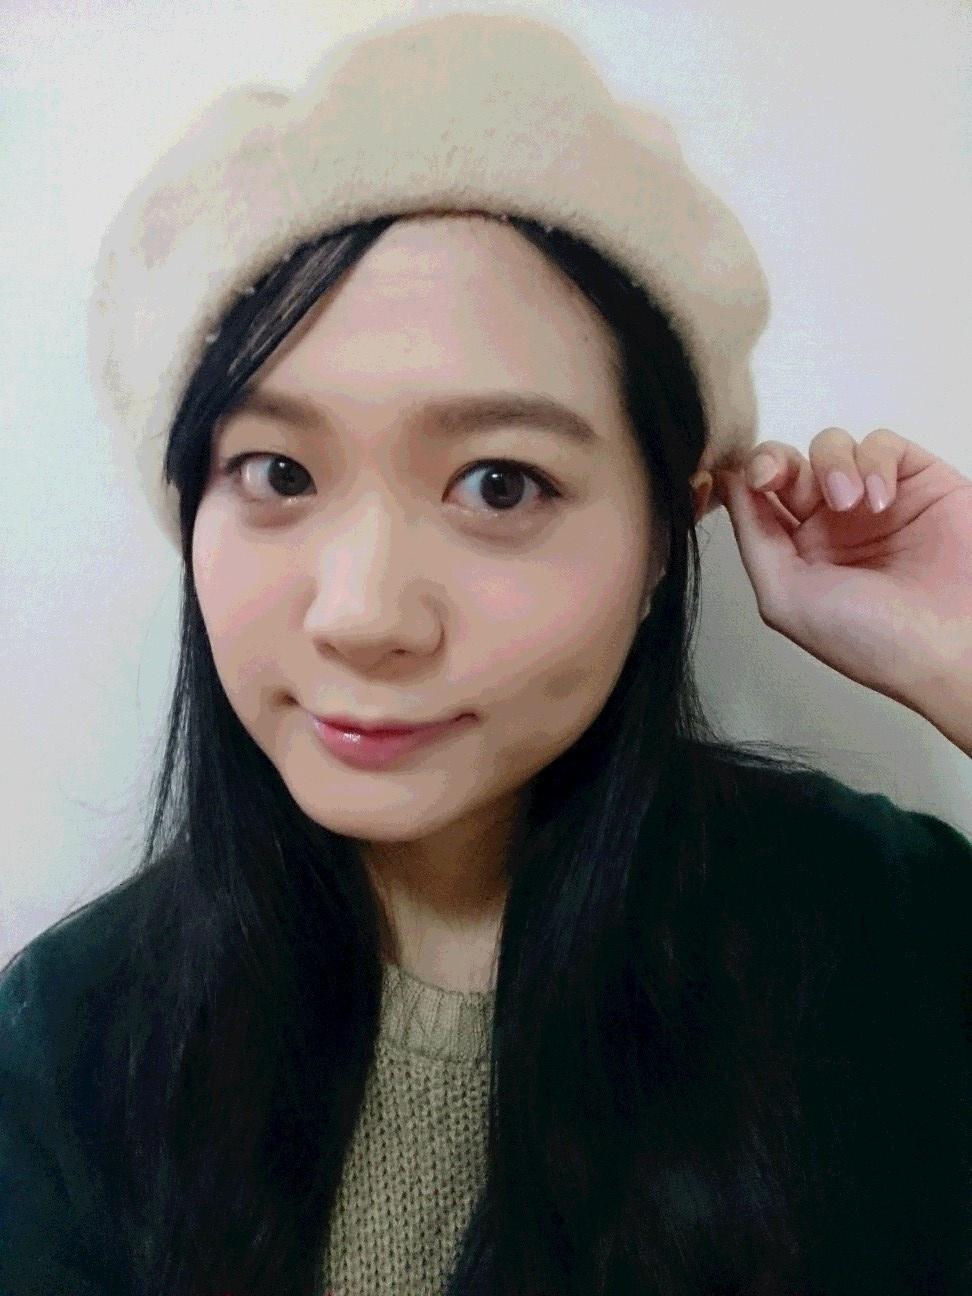 可愛さ&透明度UP☆ ラベンダーカラーチークを使って秋メイク【京都・紅葉編】_5